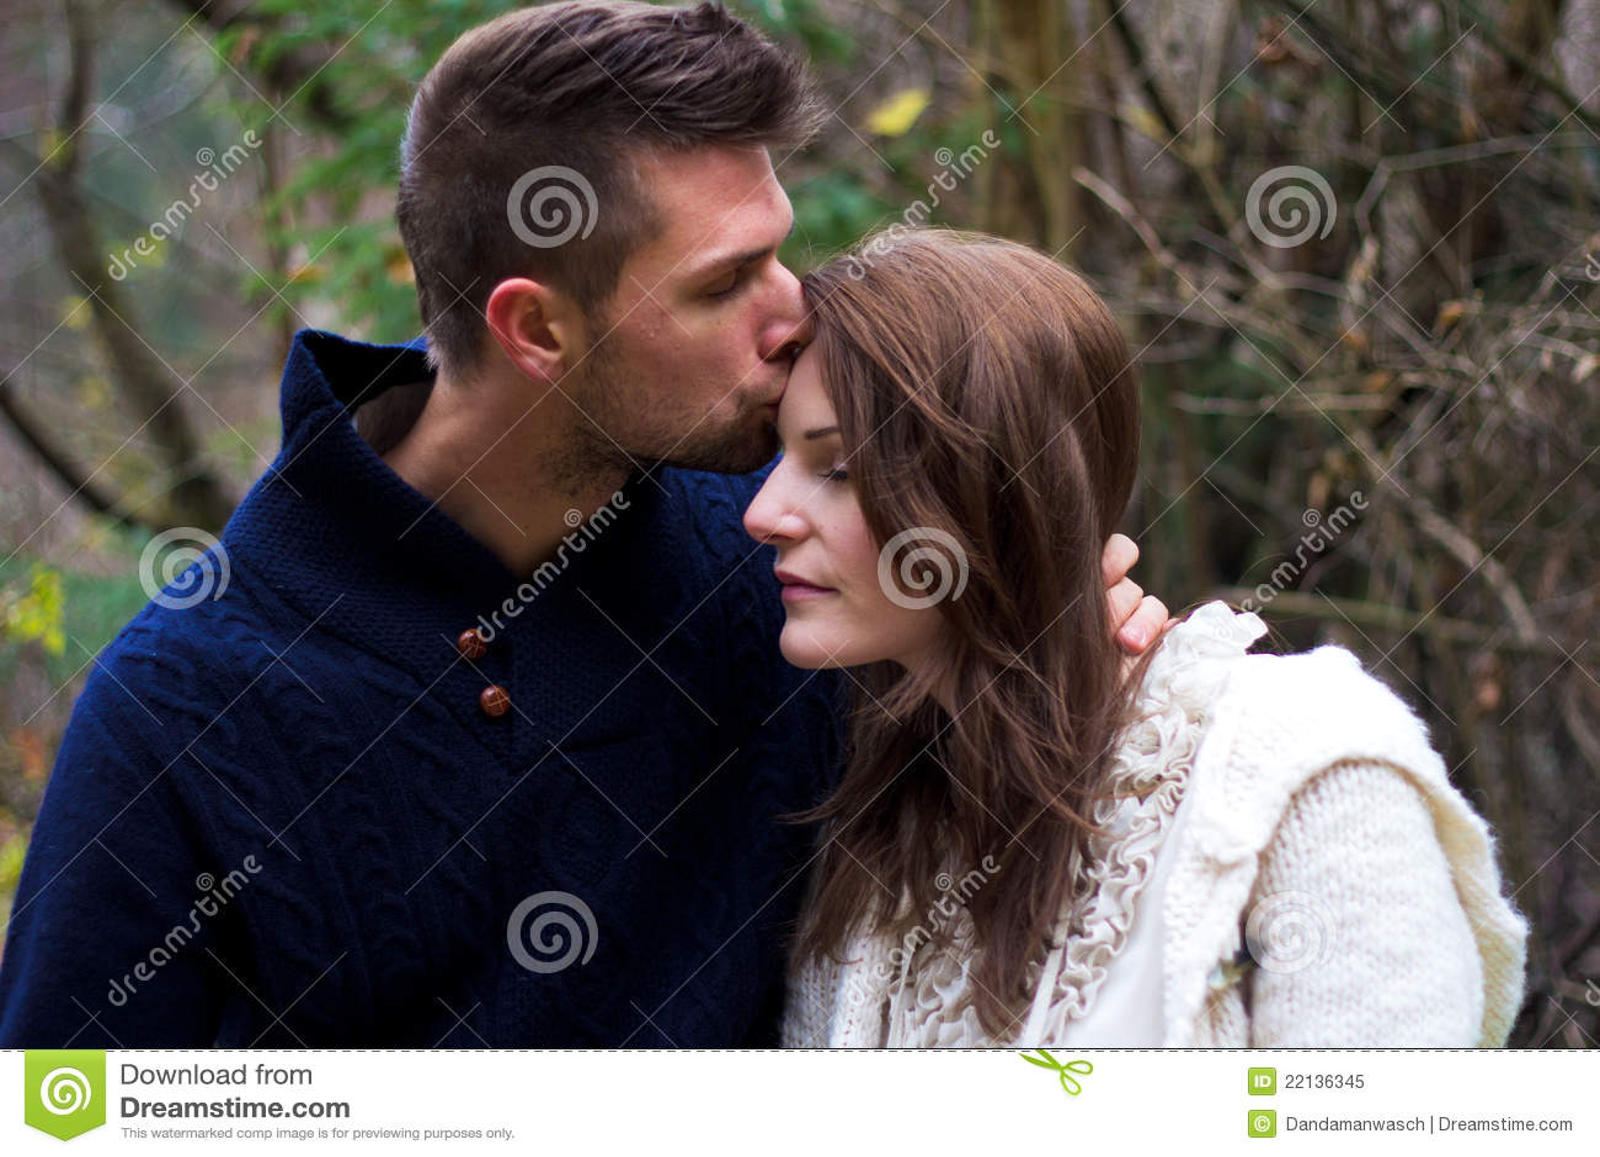 Mann, Der Frau Auf Der Backe Küßt Stockbild - Bild von